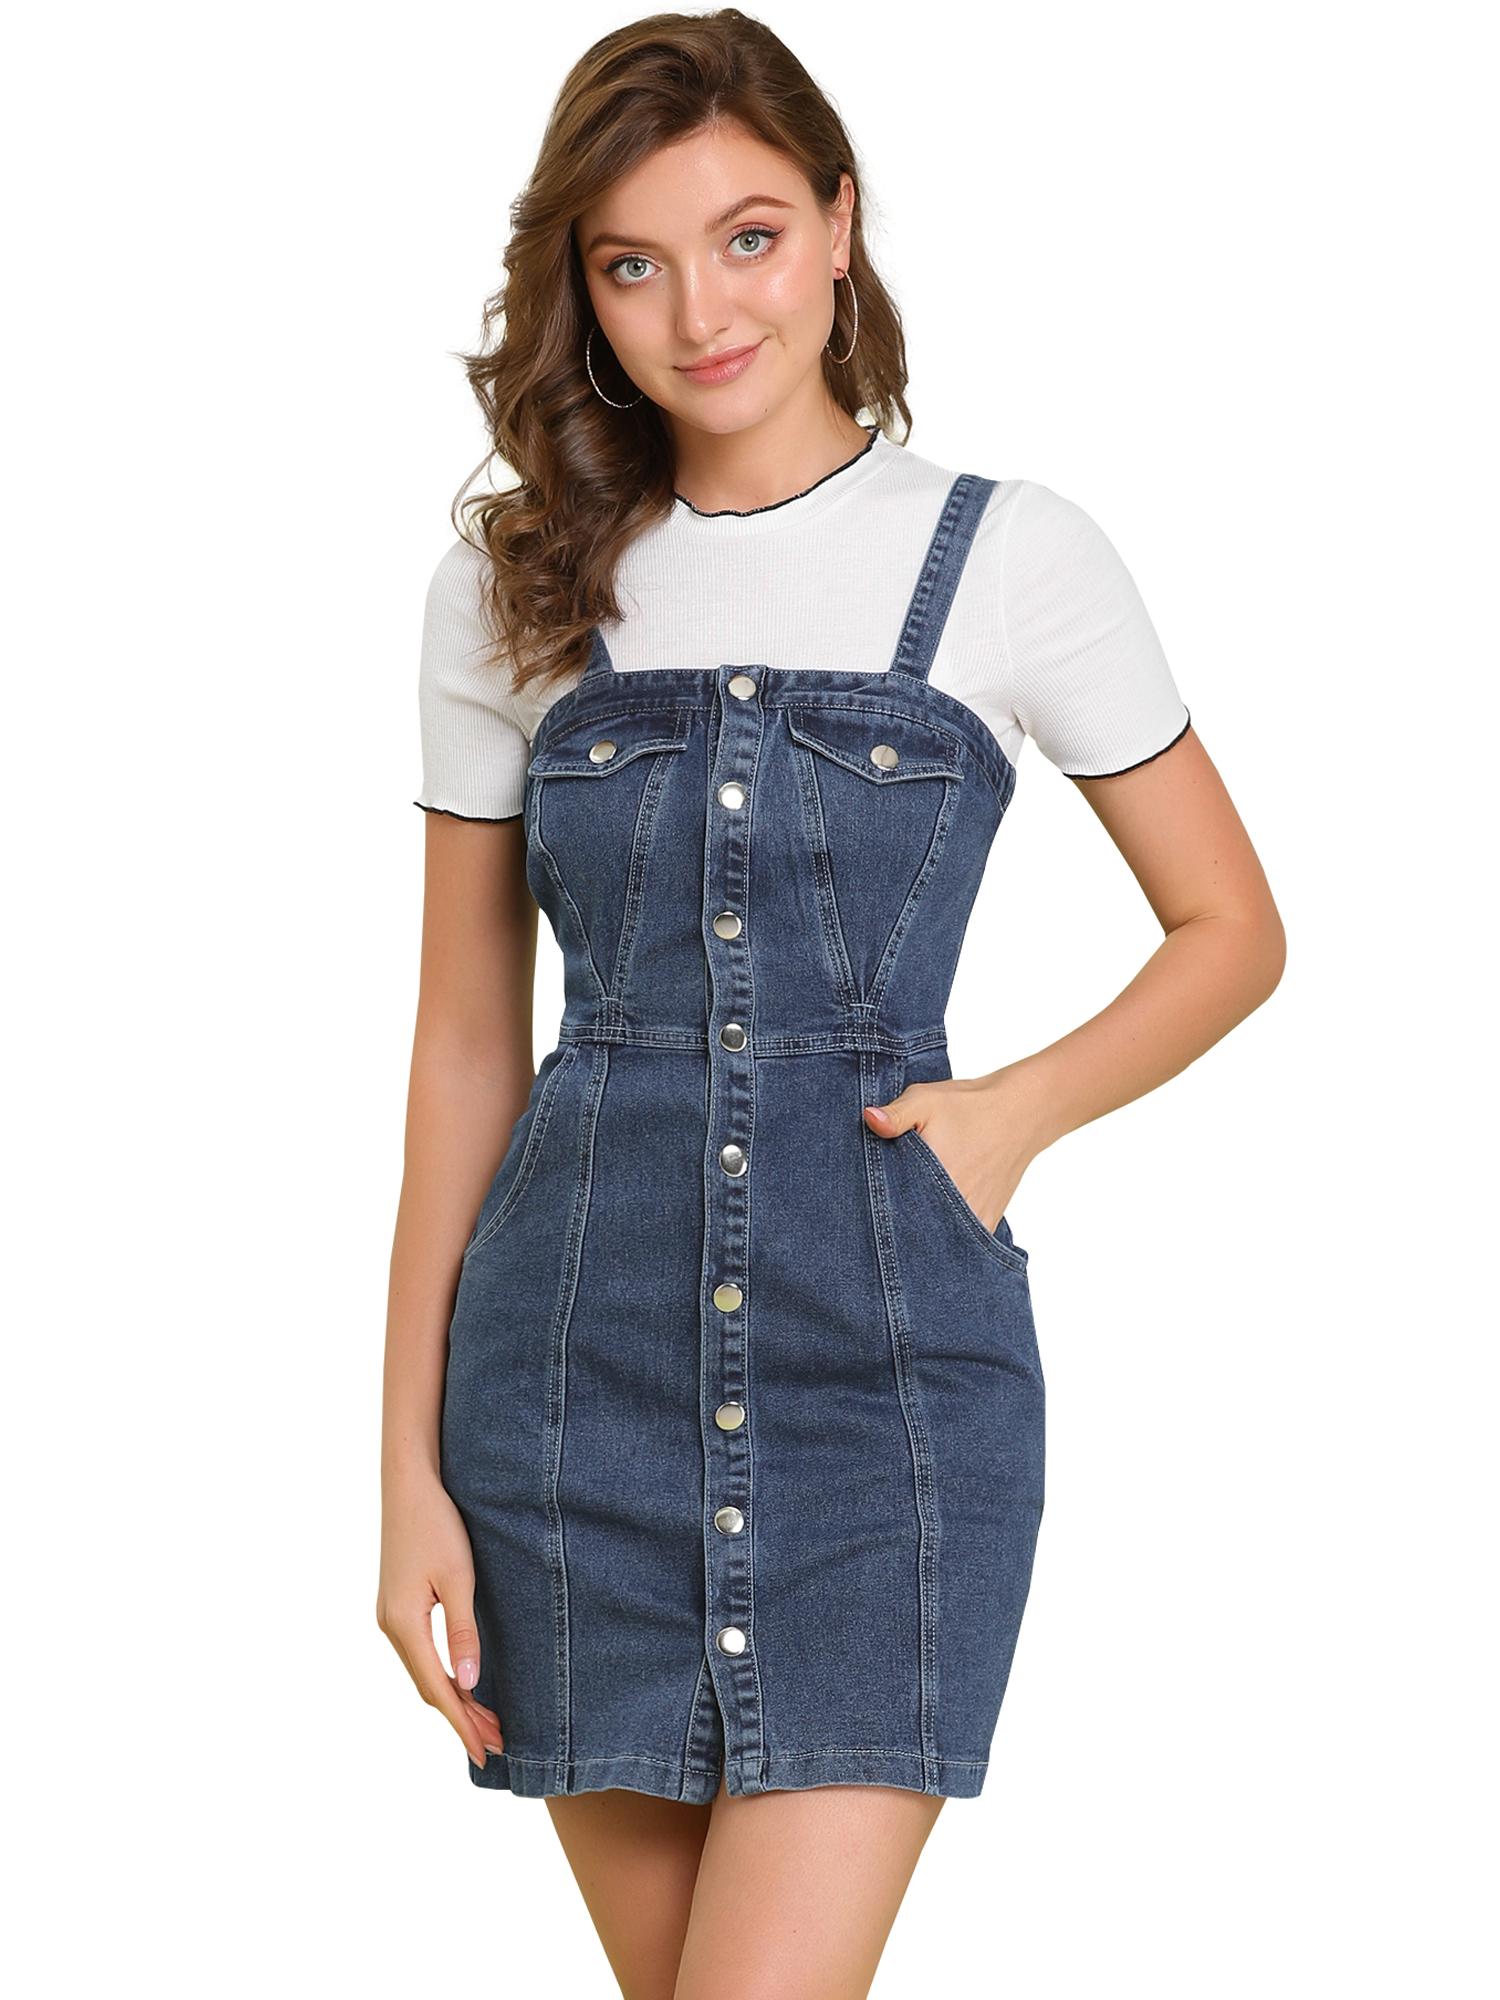 Women's Button Down Adjustable Strap Denim Suspender Skirt Dark Blue XL